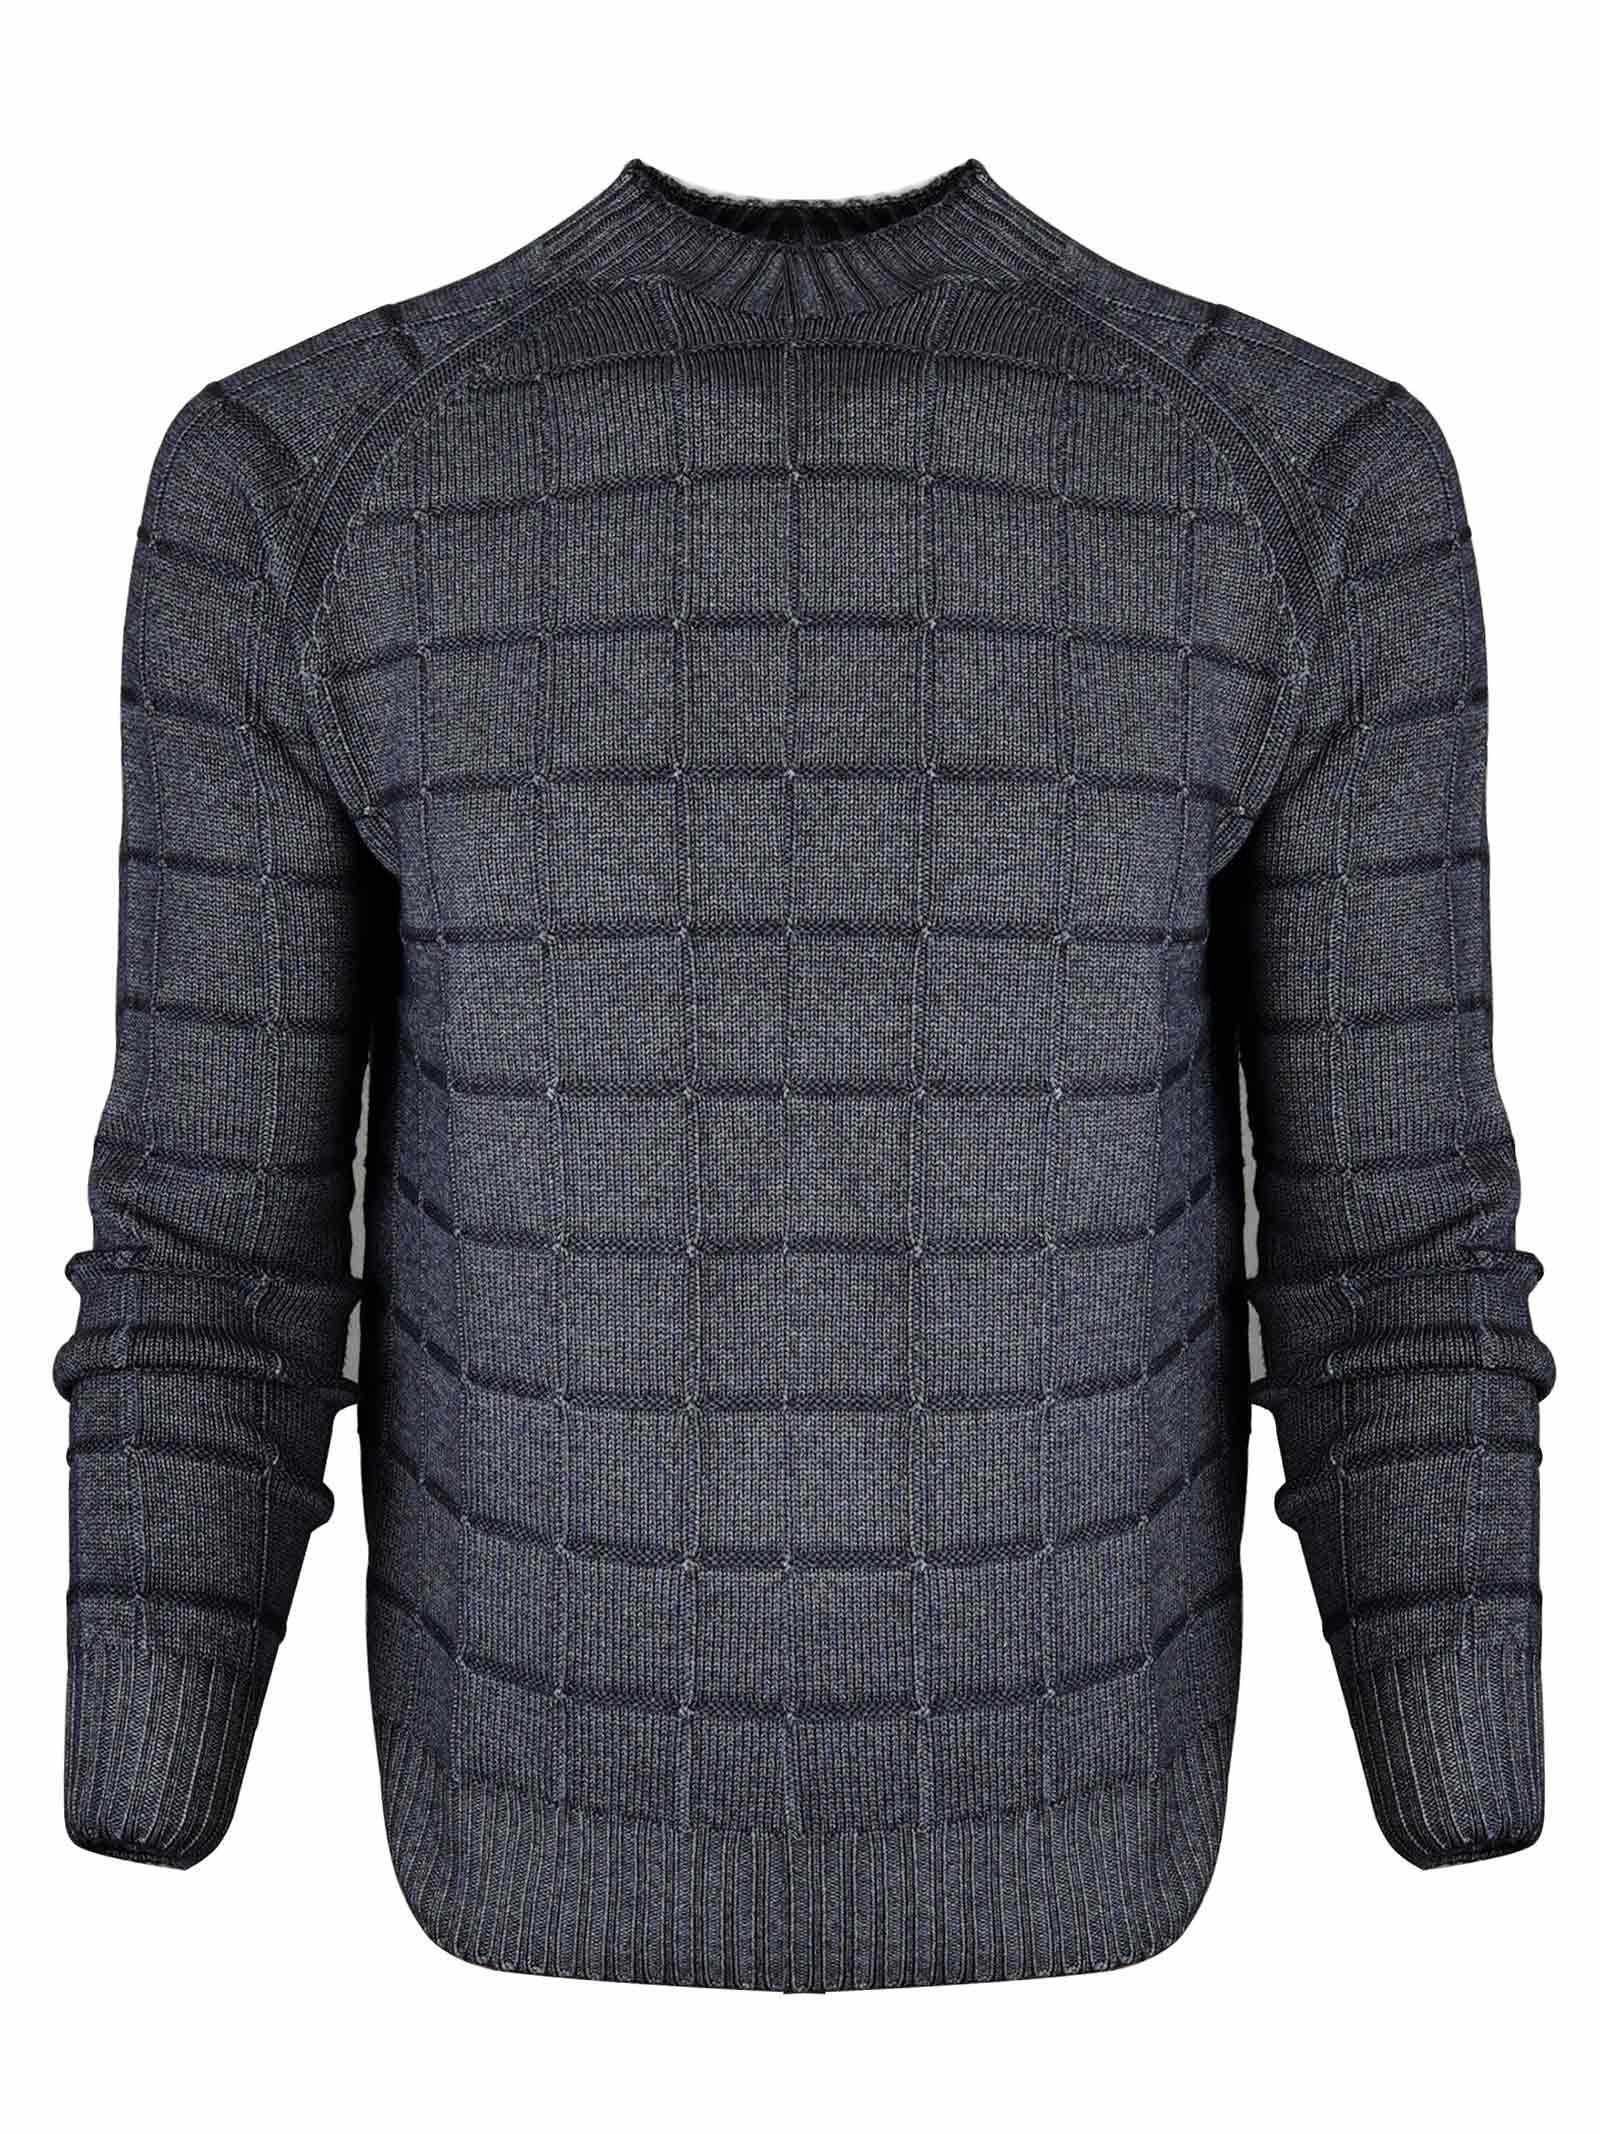 H953 | Knitwear | 335505